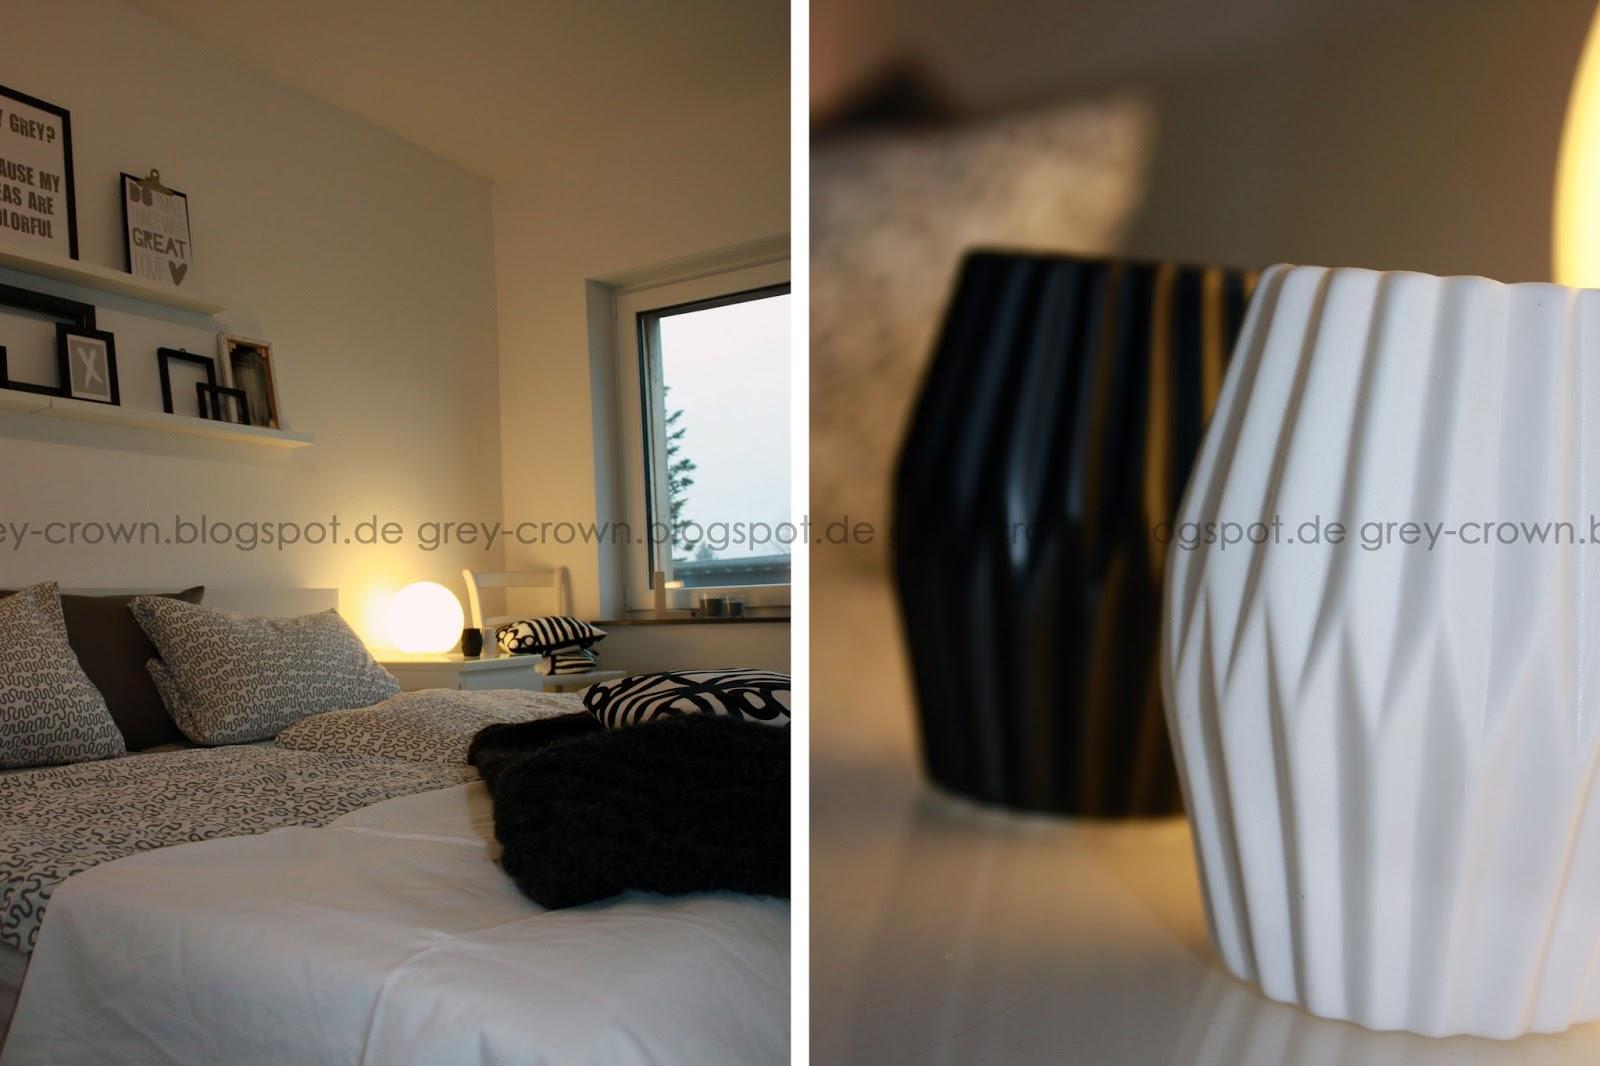 grey crown: Blick ins Schlafzimmer